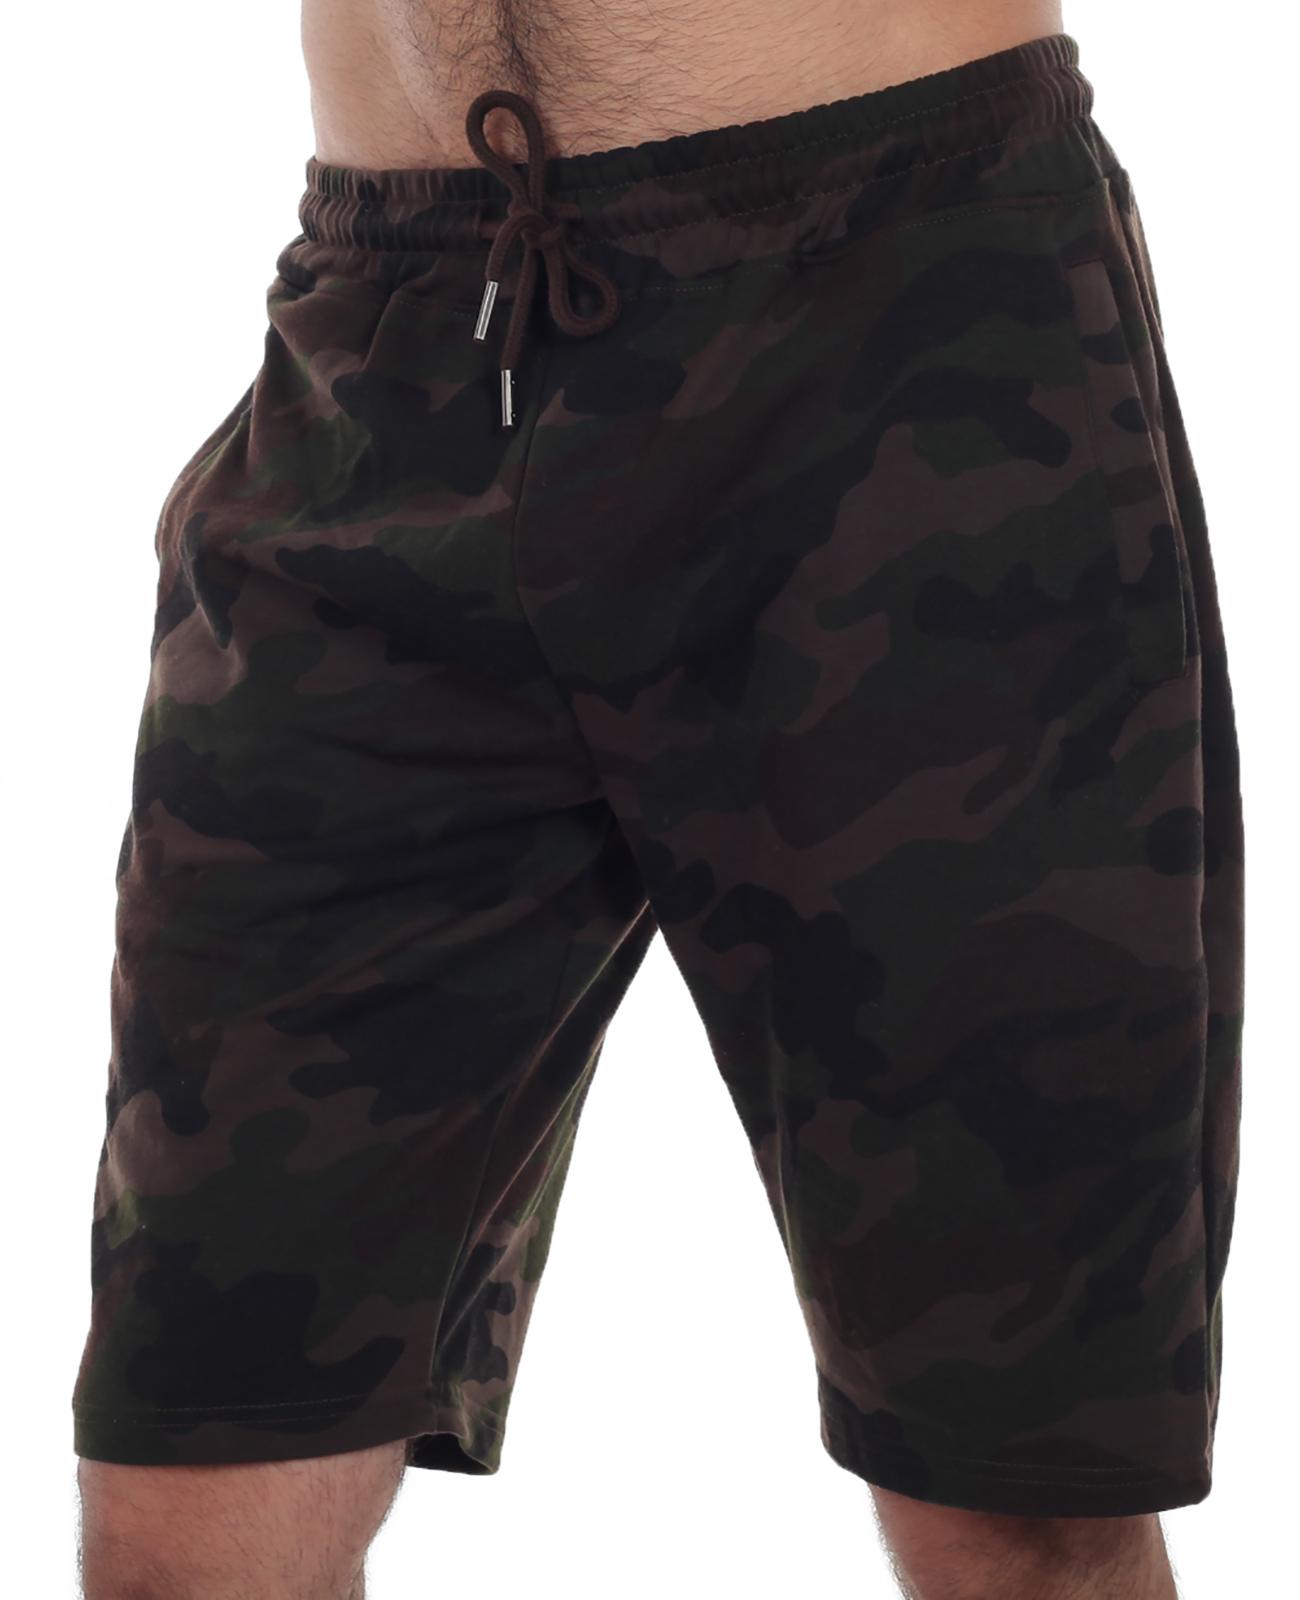 Купить в Москве мужские тактические шорты